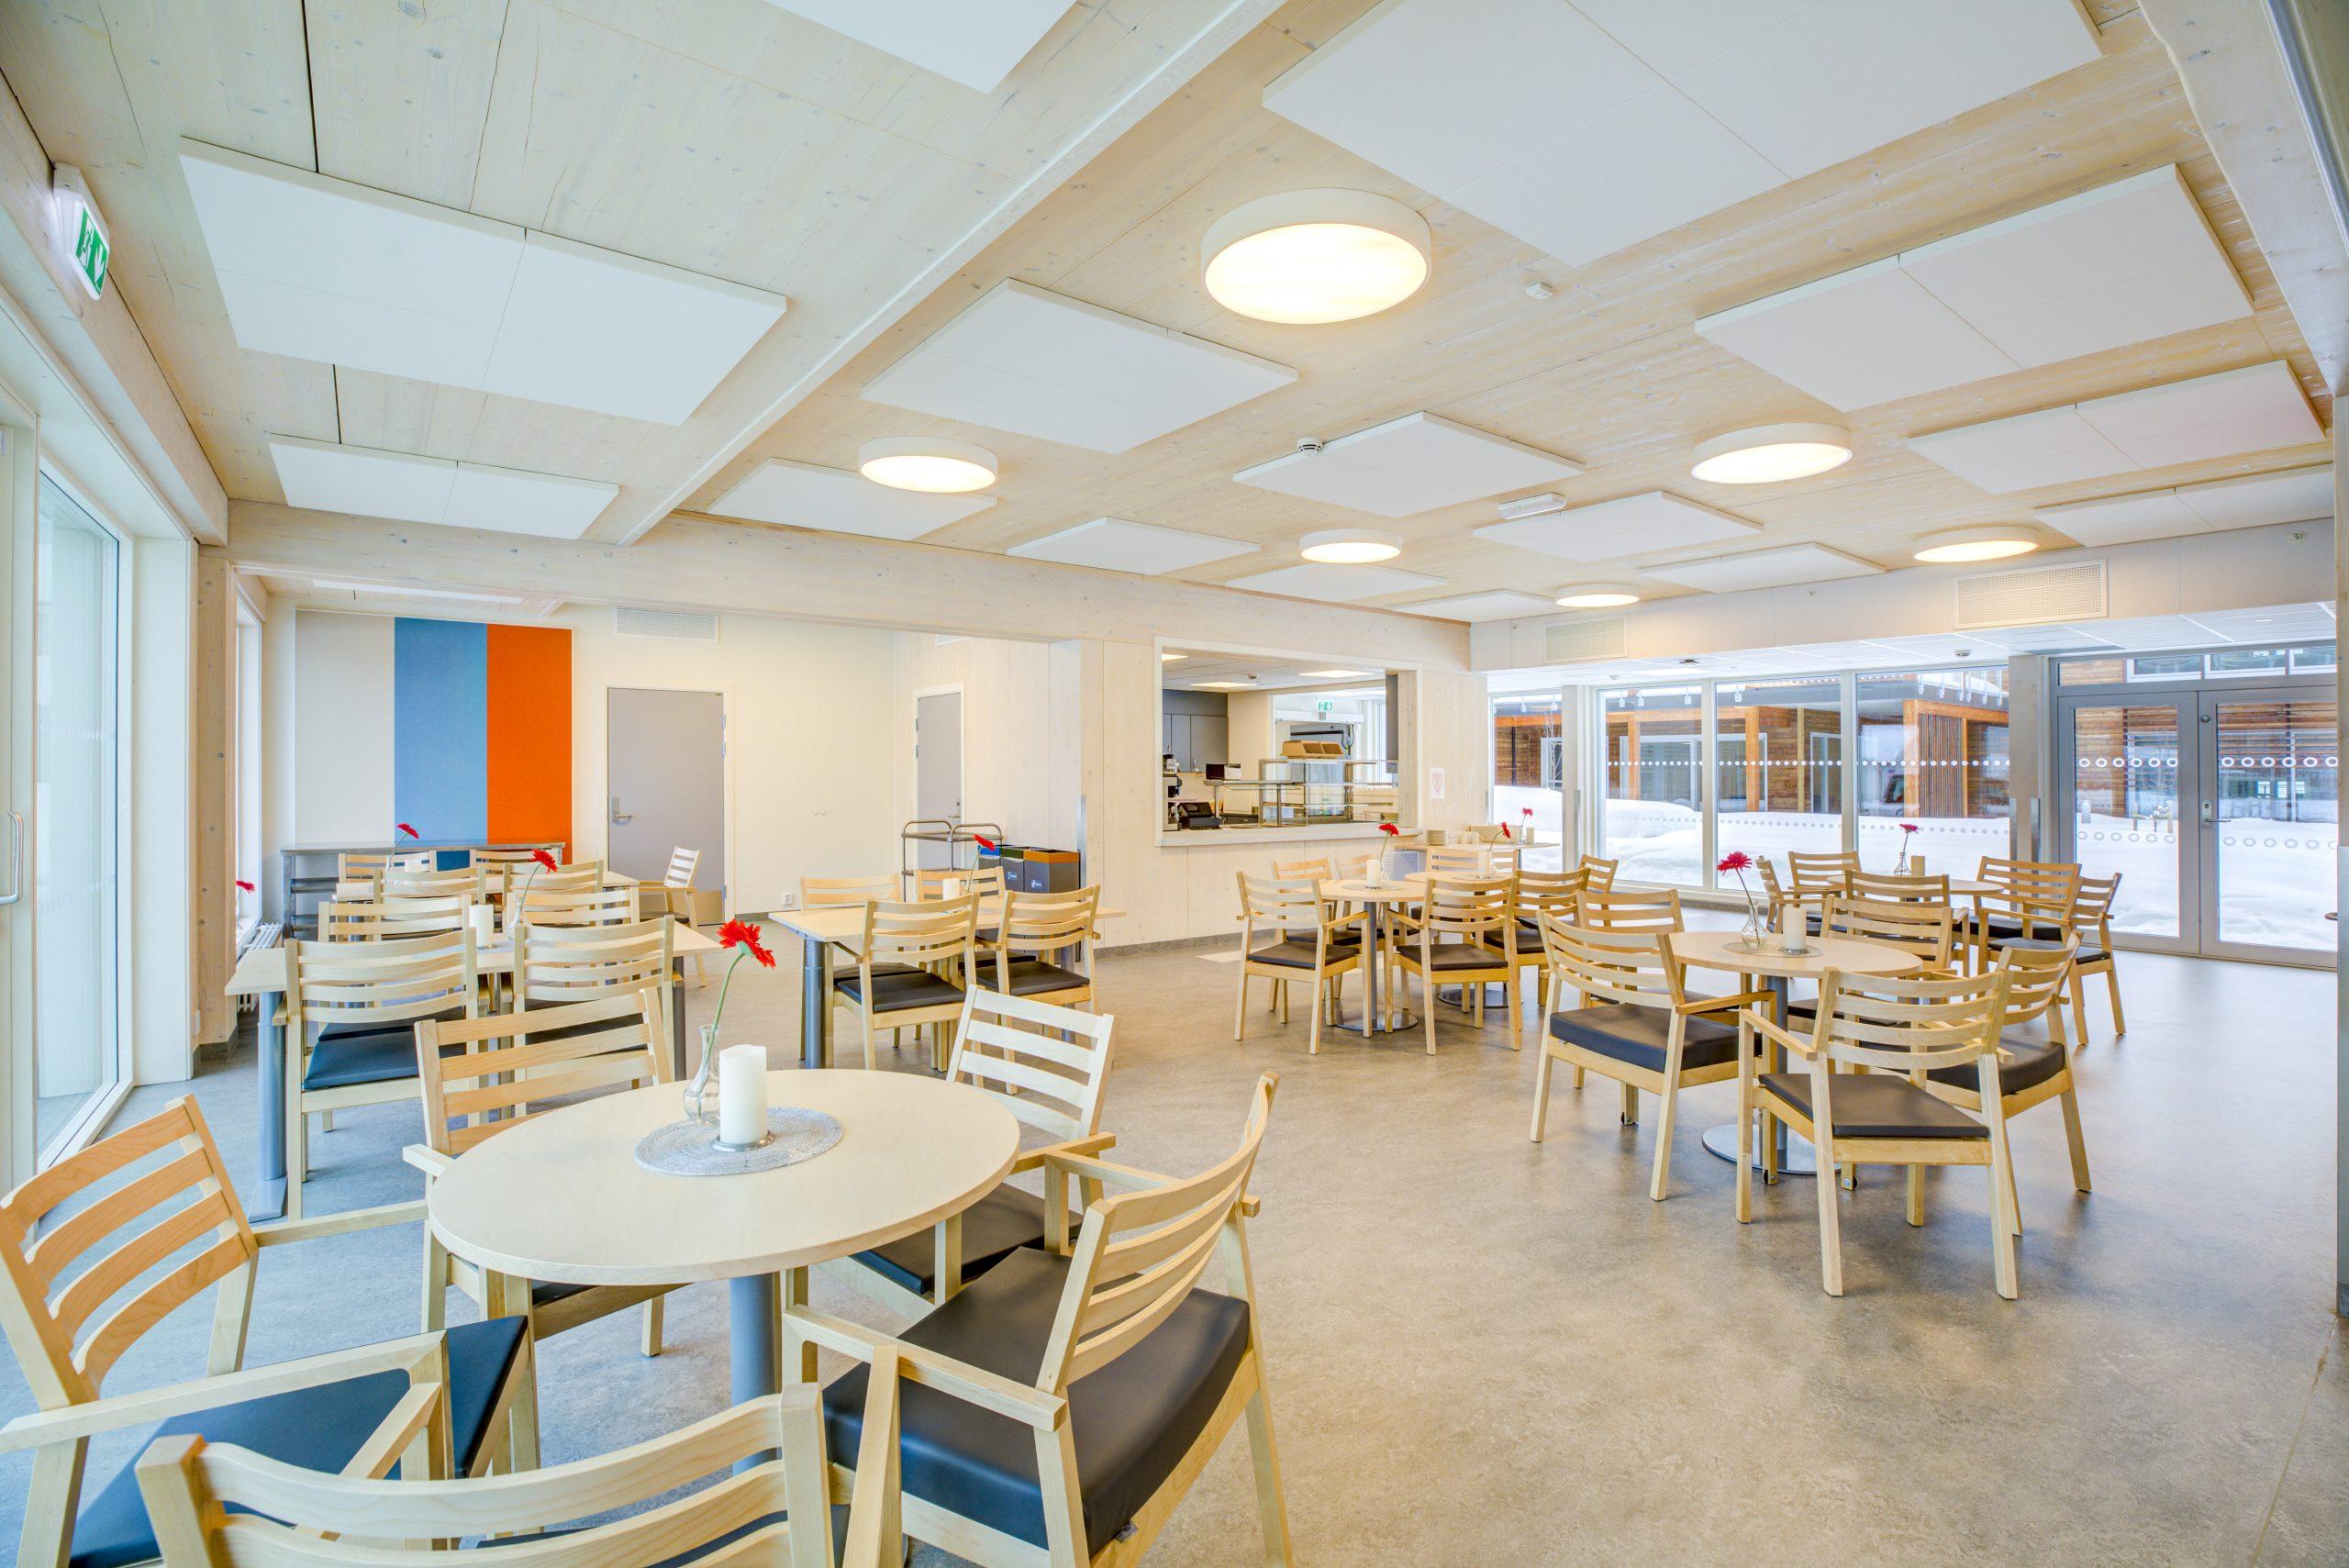 Foto fra et kafé-lignende interiør